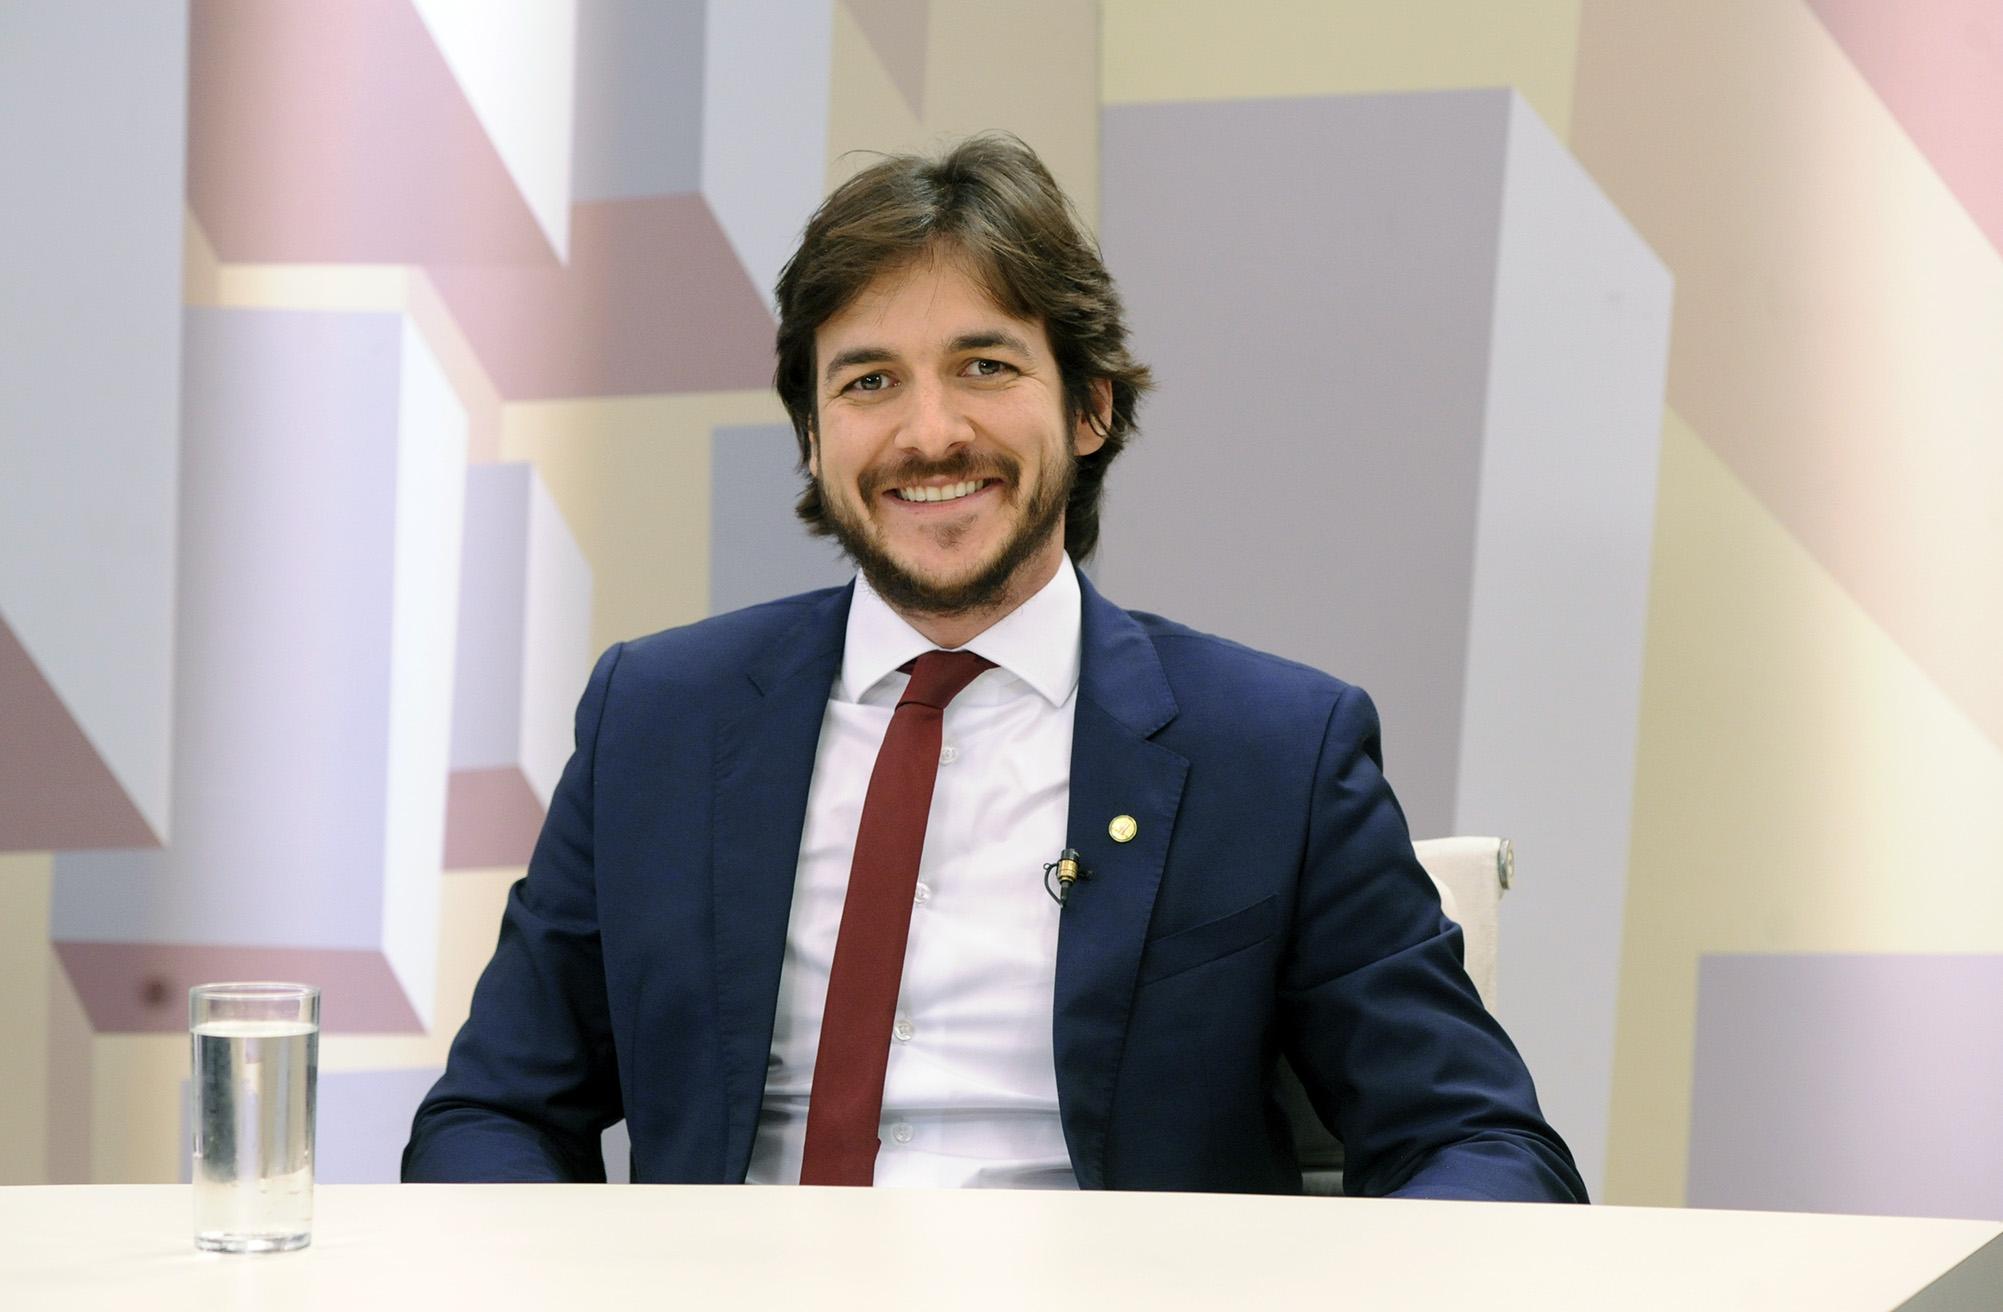 Programa Expressão Nacional discute a situação da juventude ociosa. Dep. Pedro Cunha Lima (PSDB-PB)